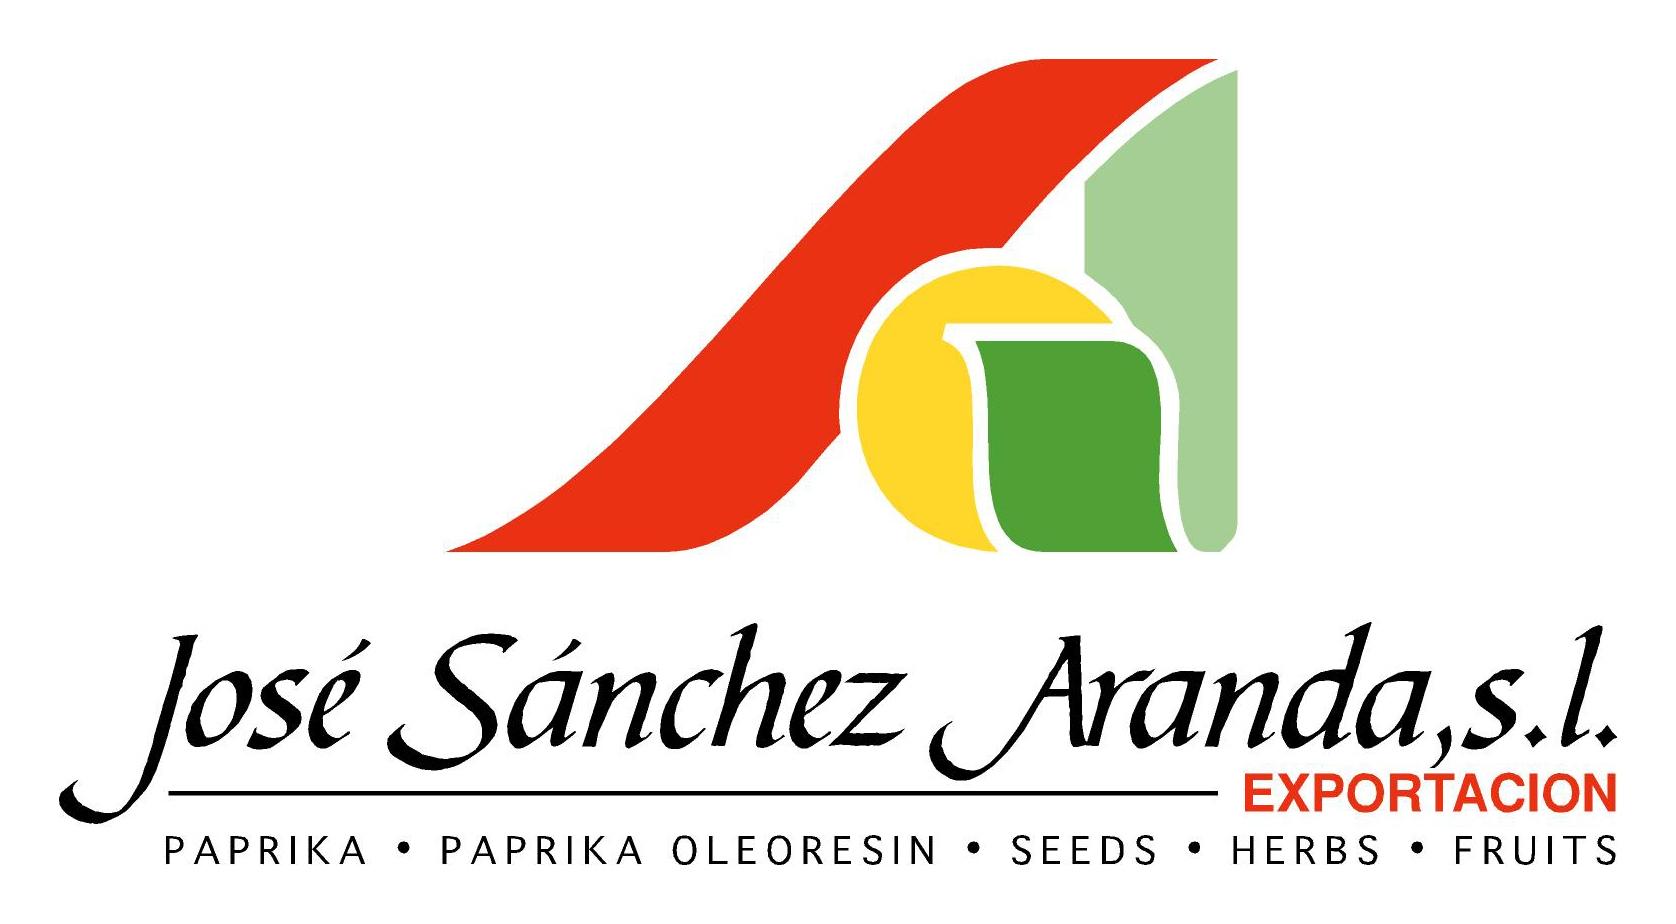 JOSÉ SÁNCHEZ ARANDA, S.L